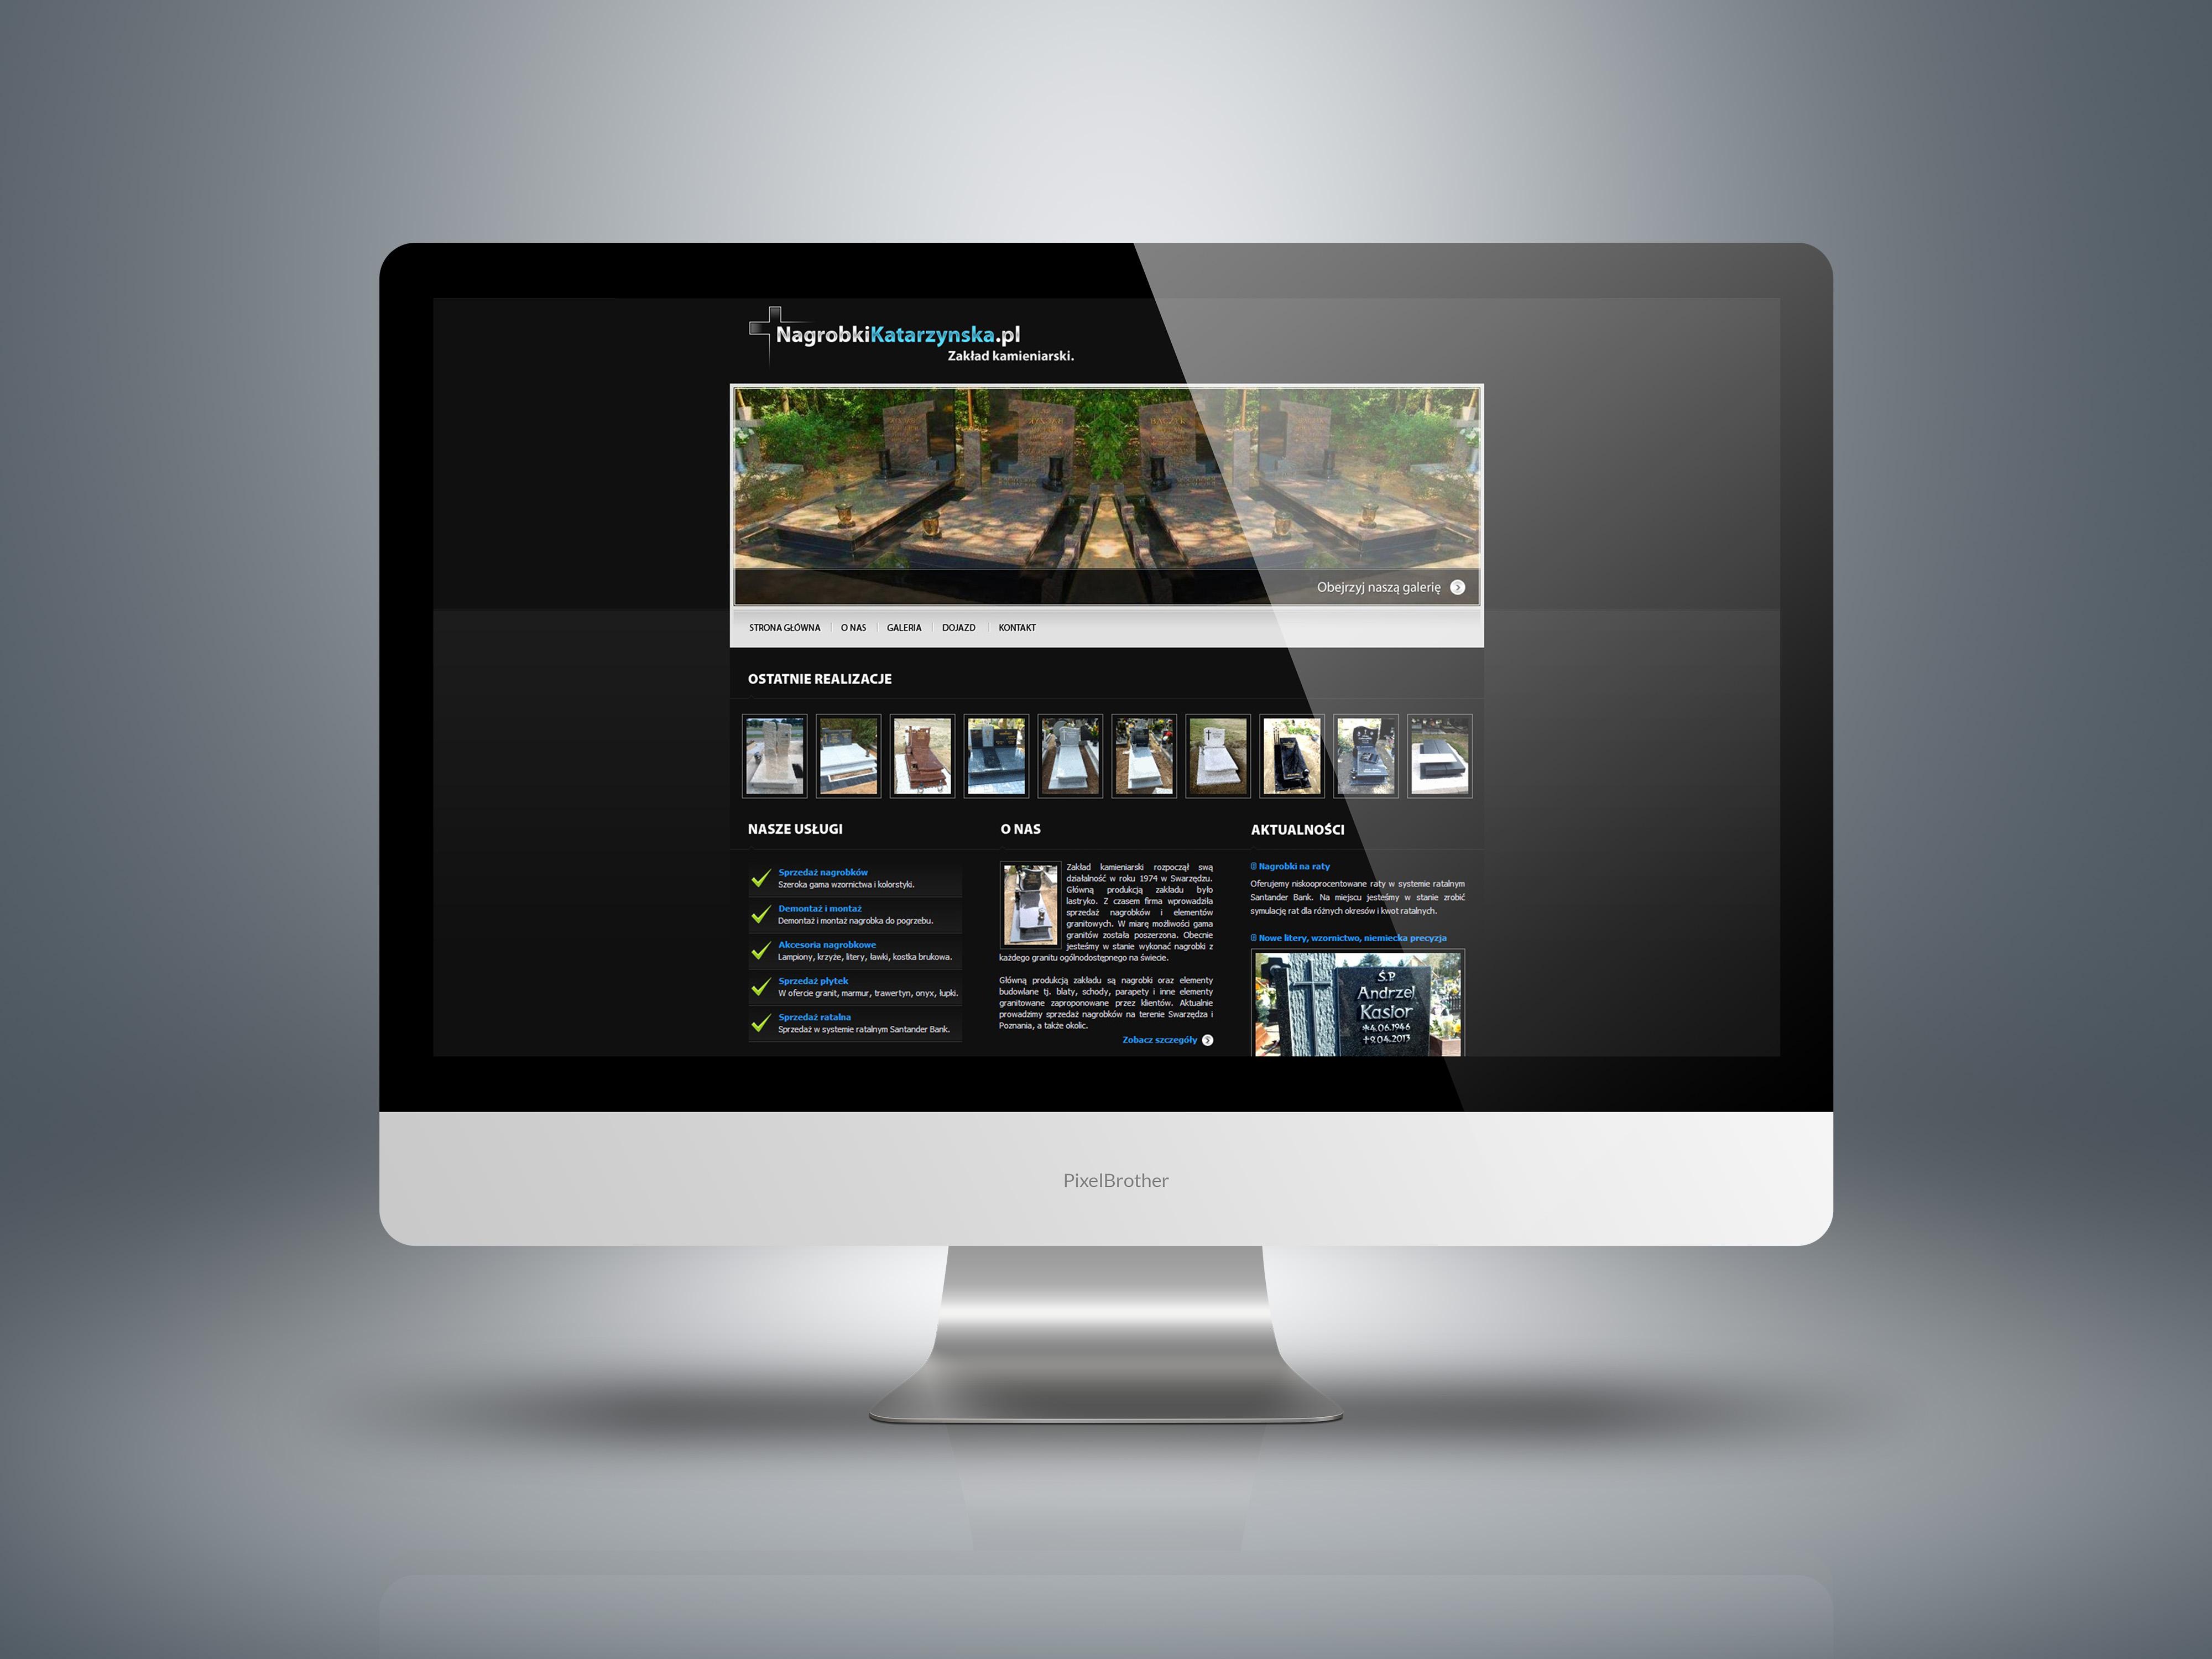 Strona internetowa nagrobki